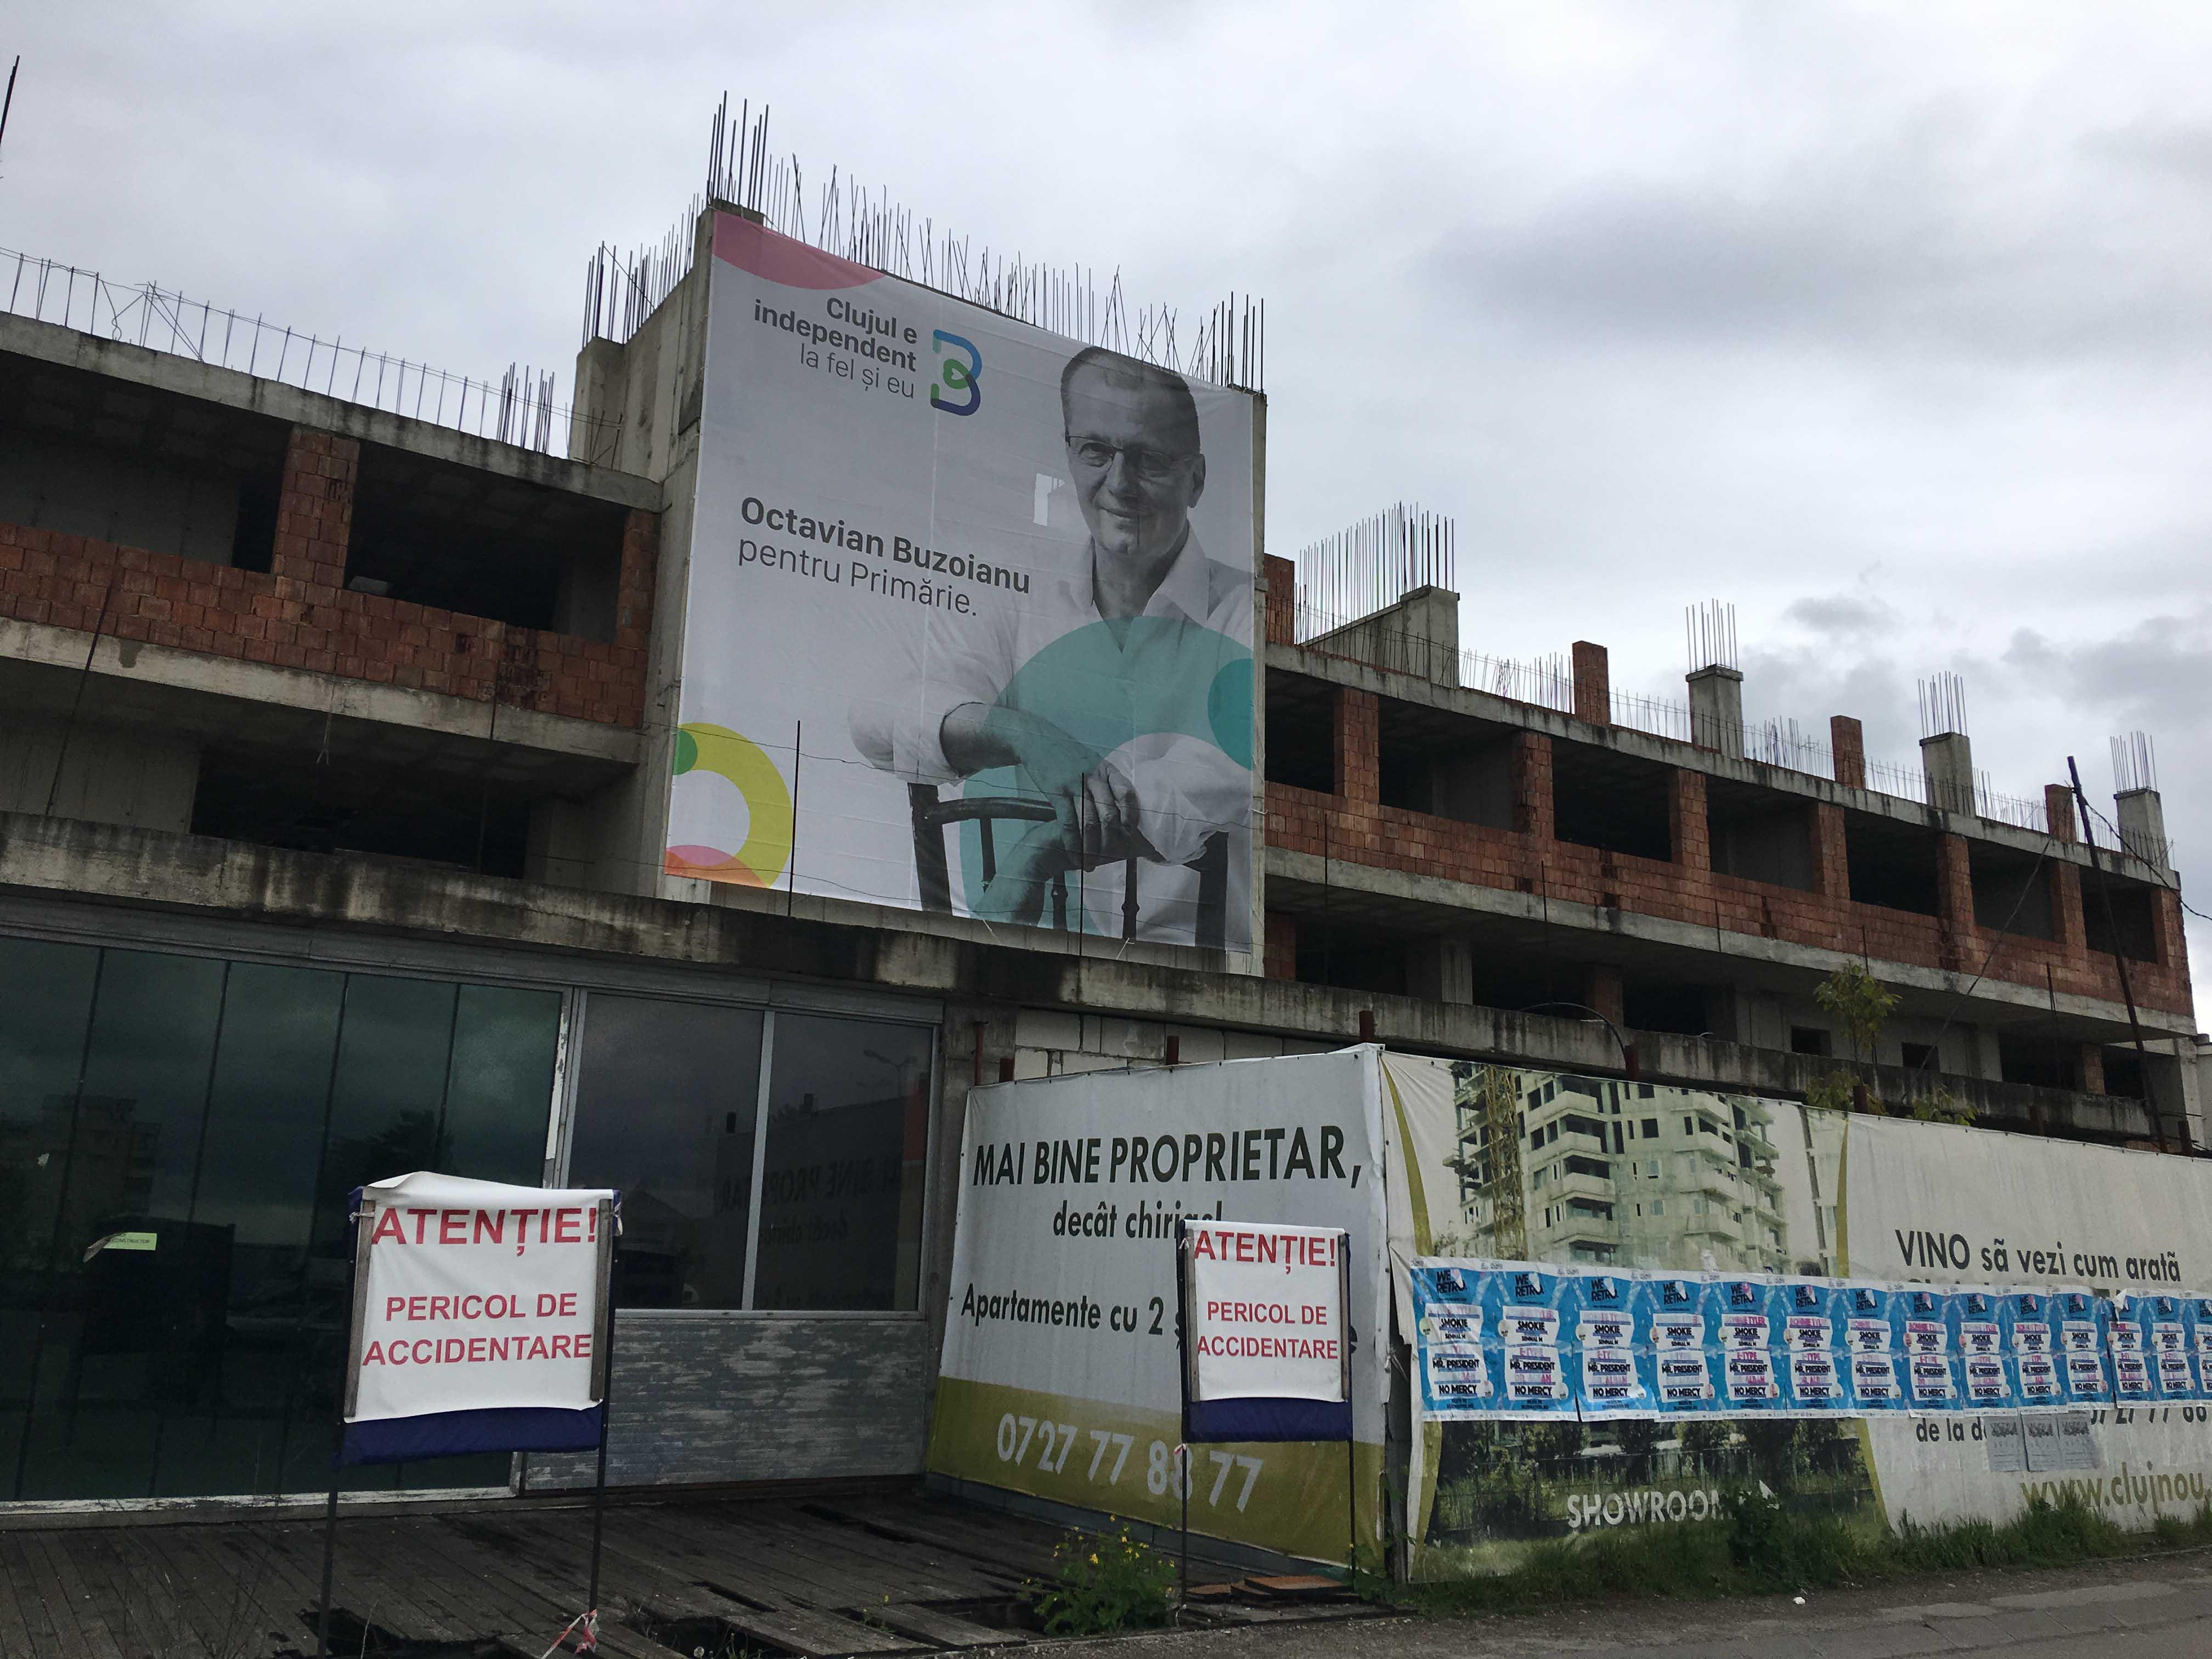 Octavian Buzoianu își face reclamă pe ruinele țepei imobiliare Tower din Mănăștur, în care sute de clujeni au fost înșelați de afaceristul Mihai Chezan